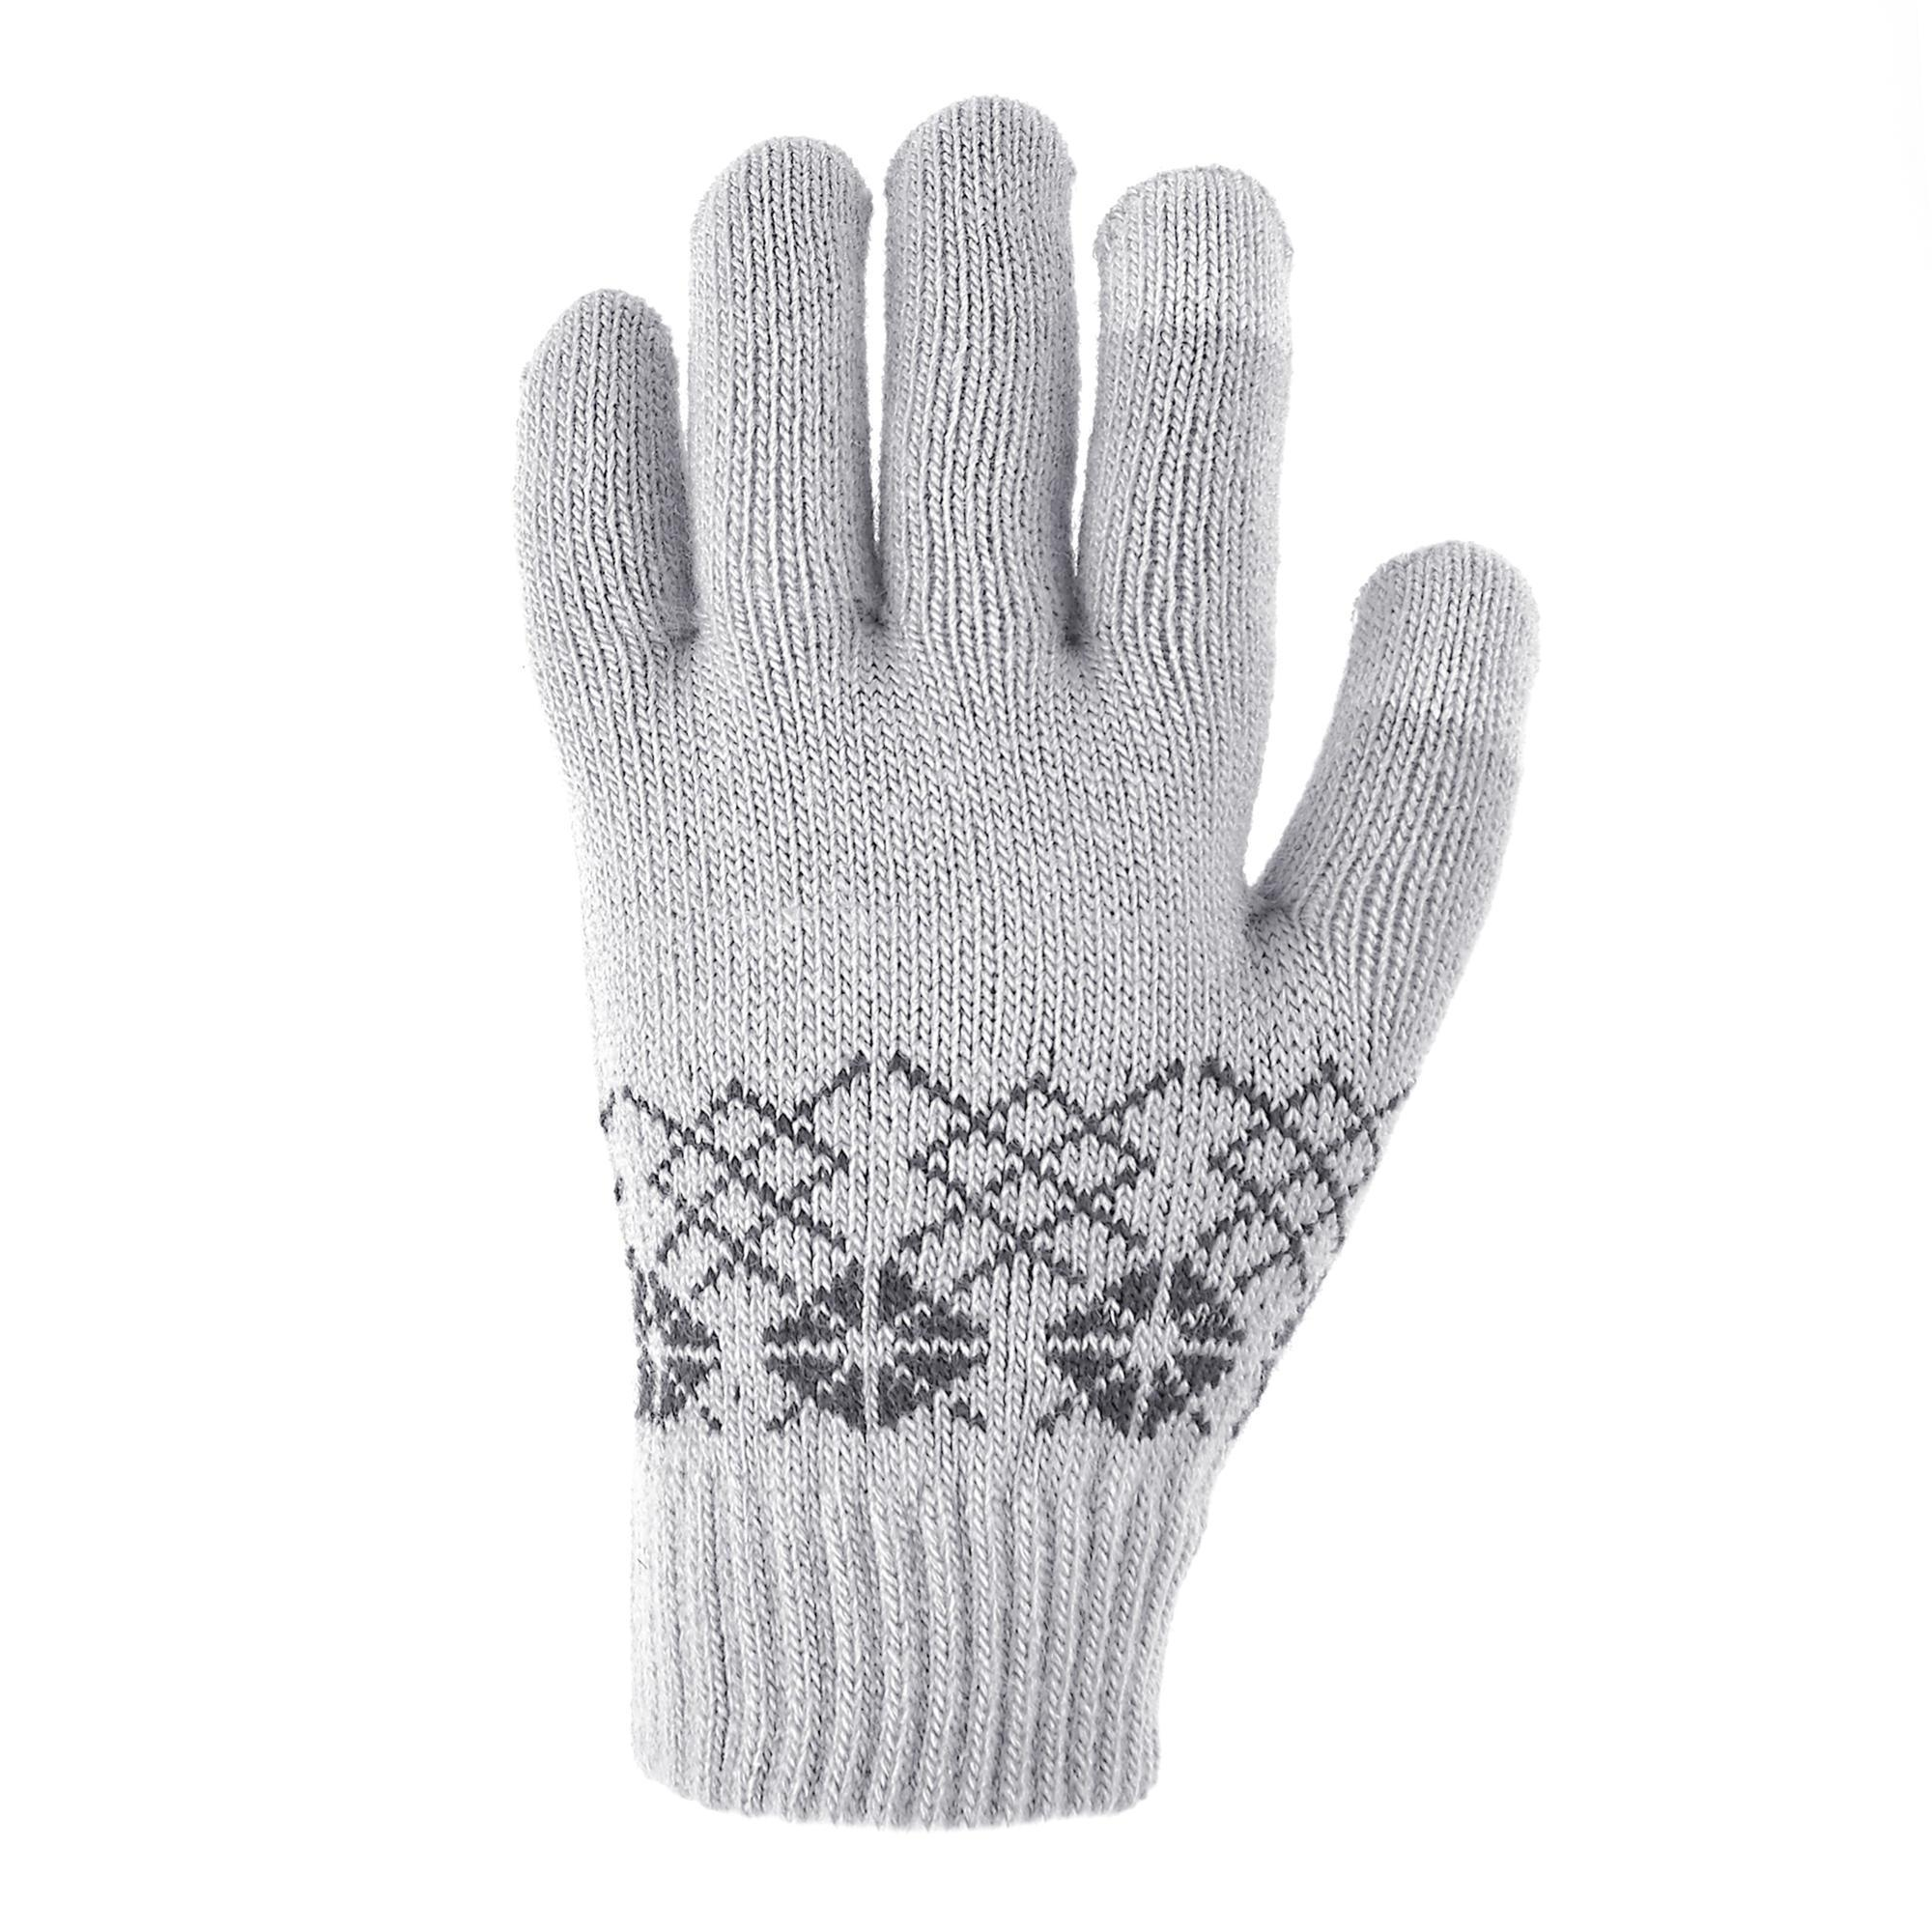 Handschoenen kopen met voordeel